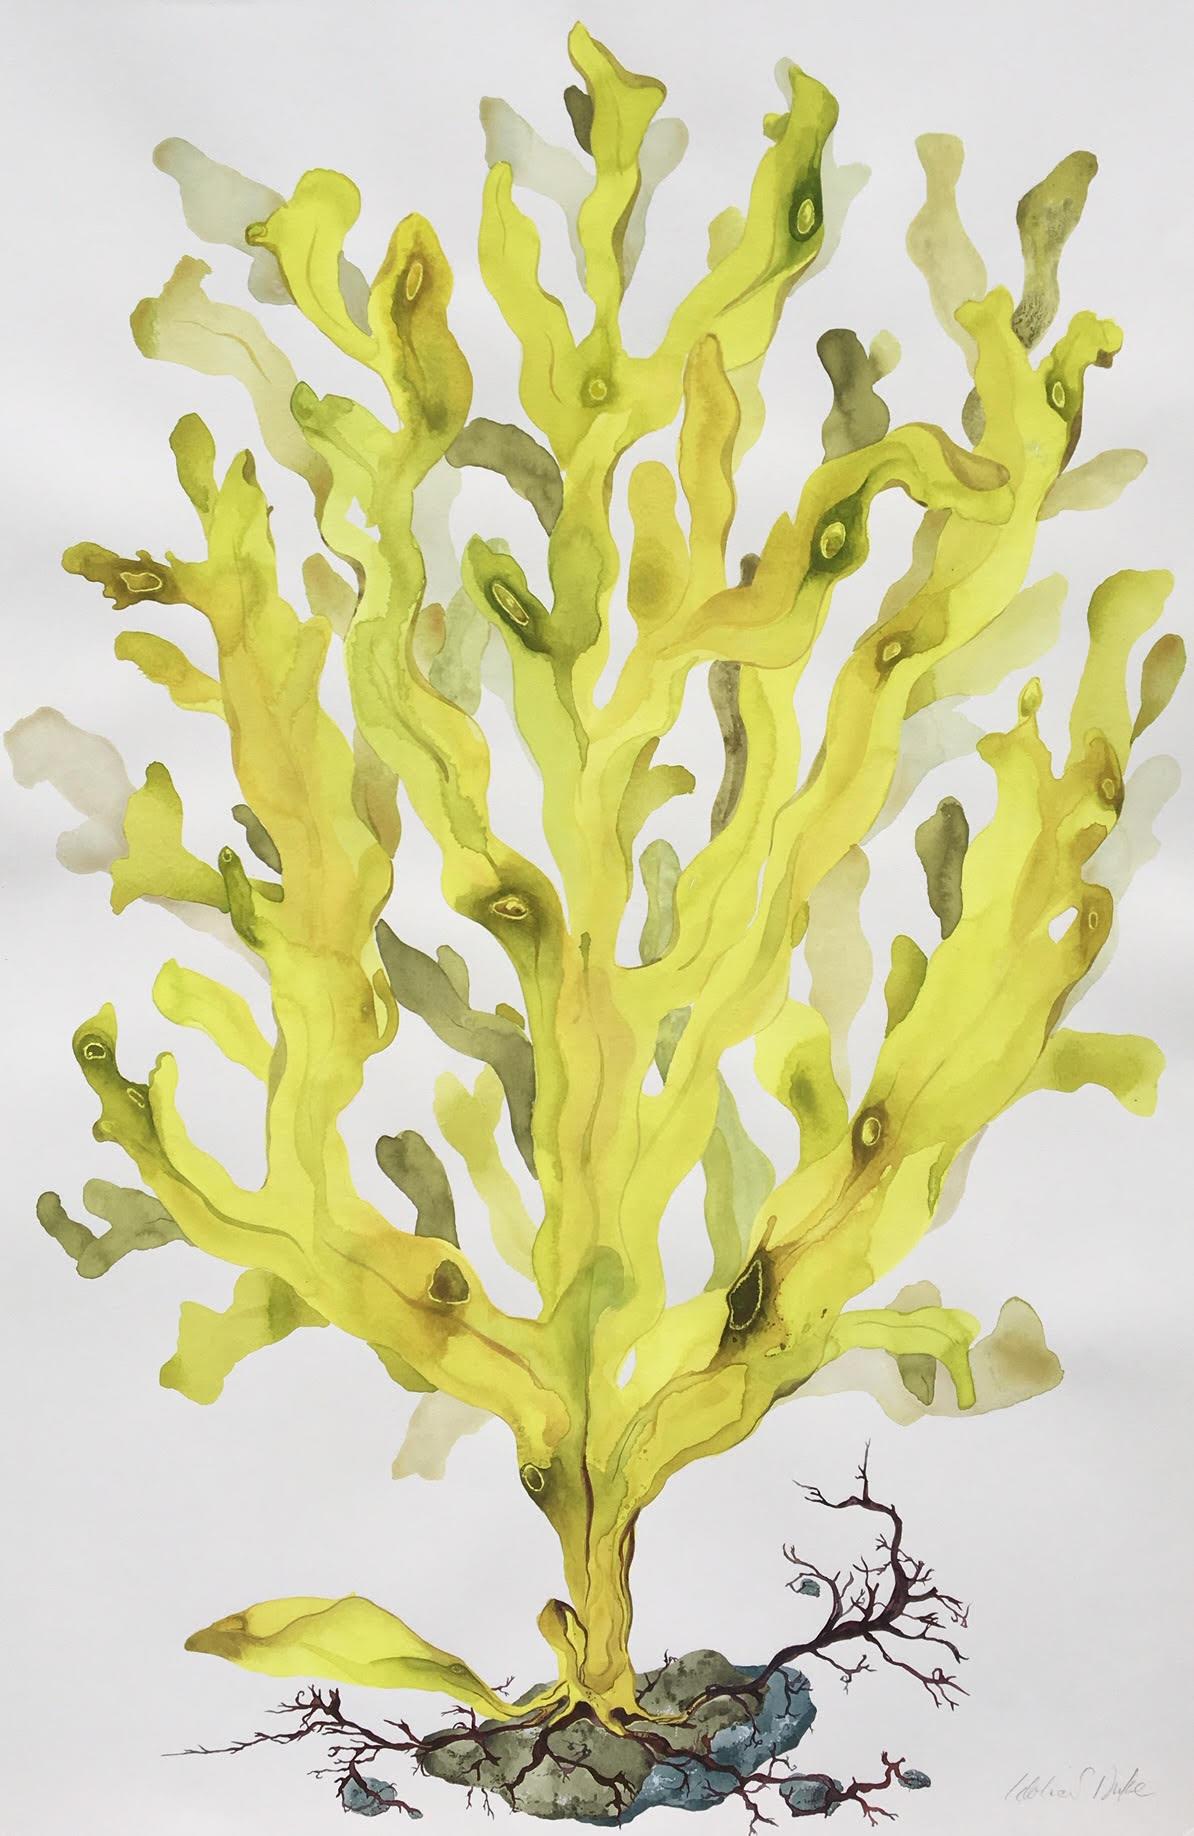 Idoline Duke  Yellow Seaweed II,  2019 watercolor on paper